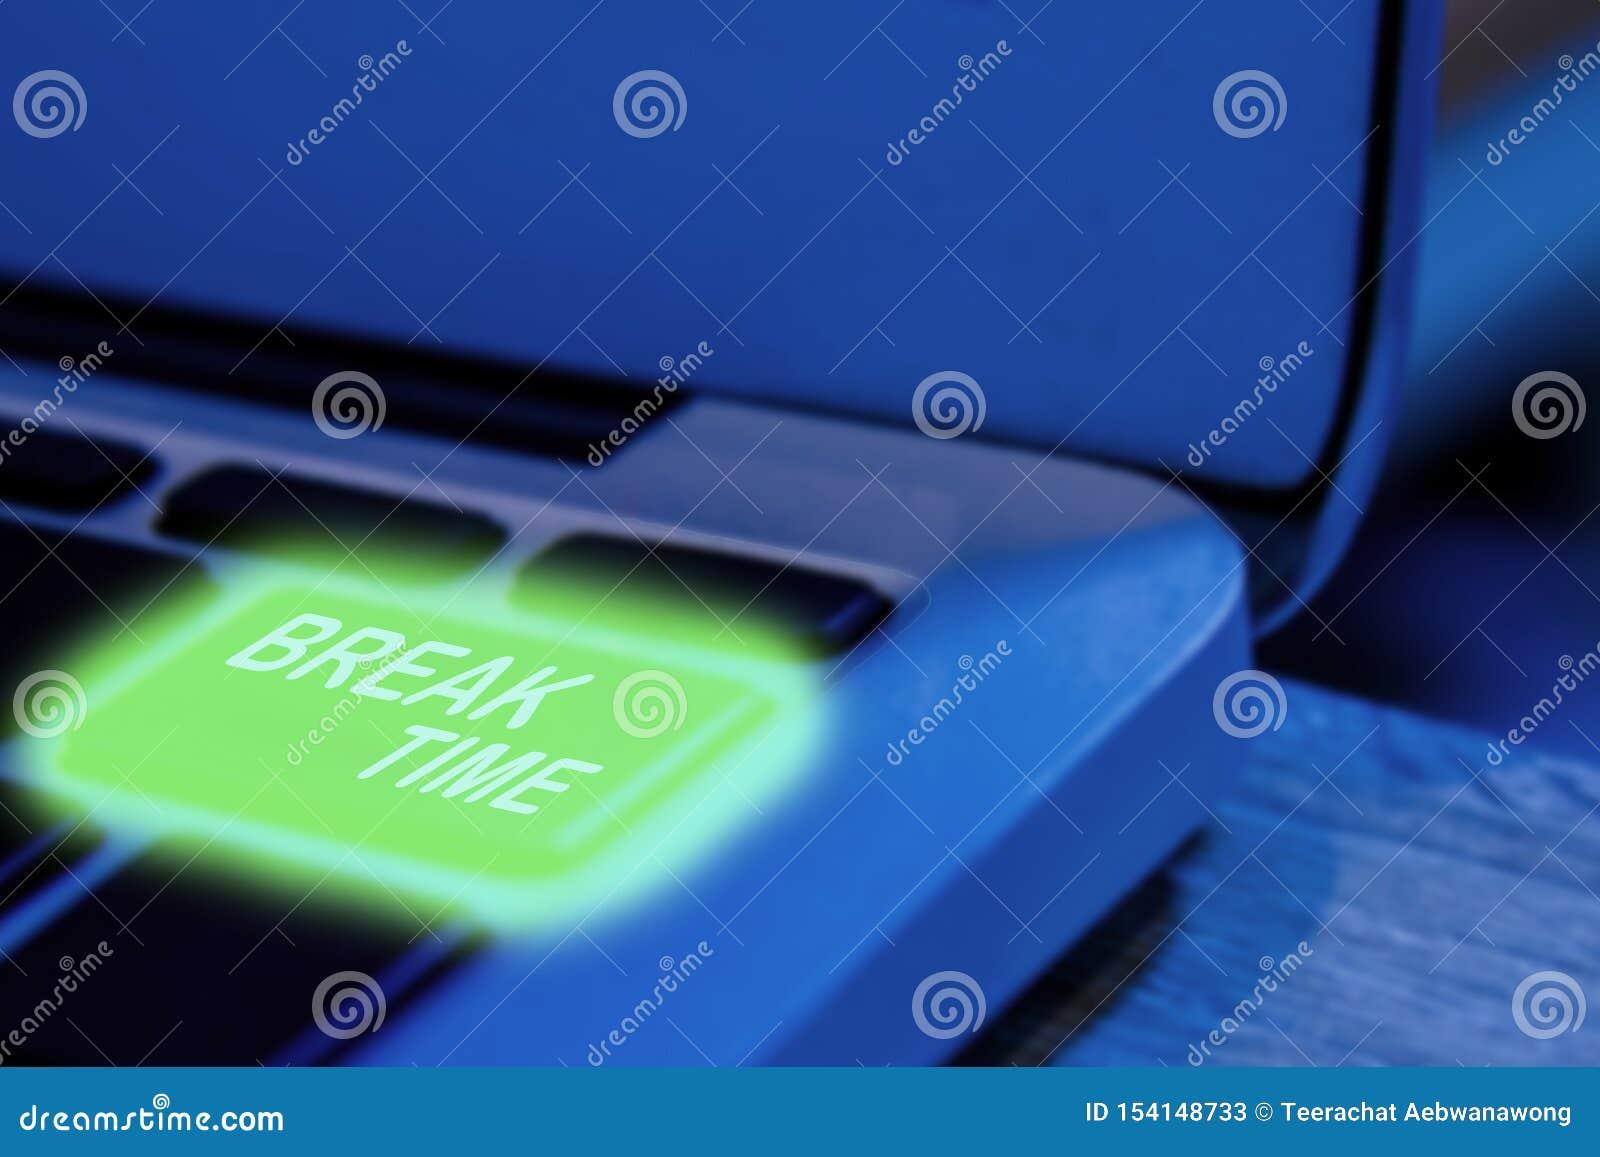 Zamyka w górę widoku na konceptualnej klawiaturze - wp8lywy odpoczynek lub, laptop z zielonego backlight klawiaturowym szczegółem